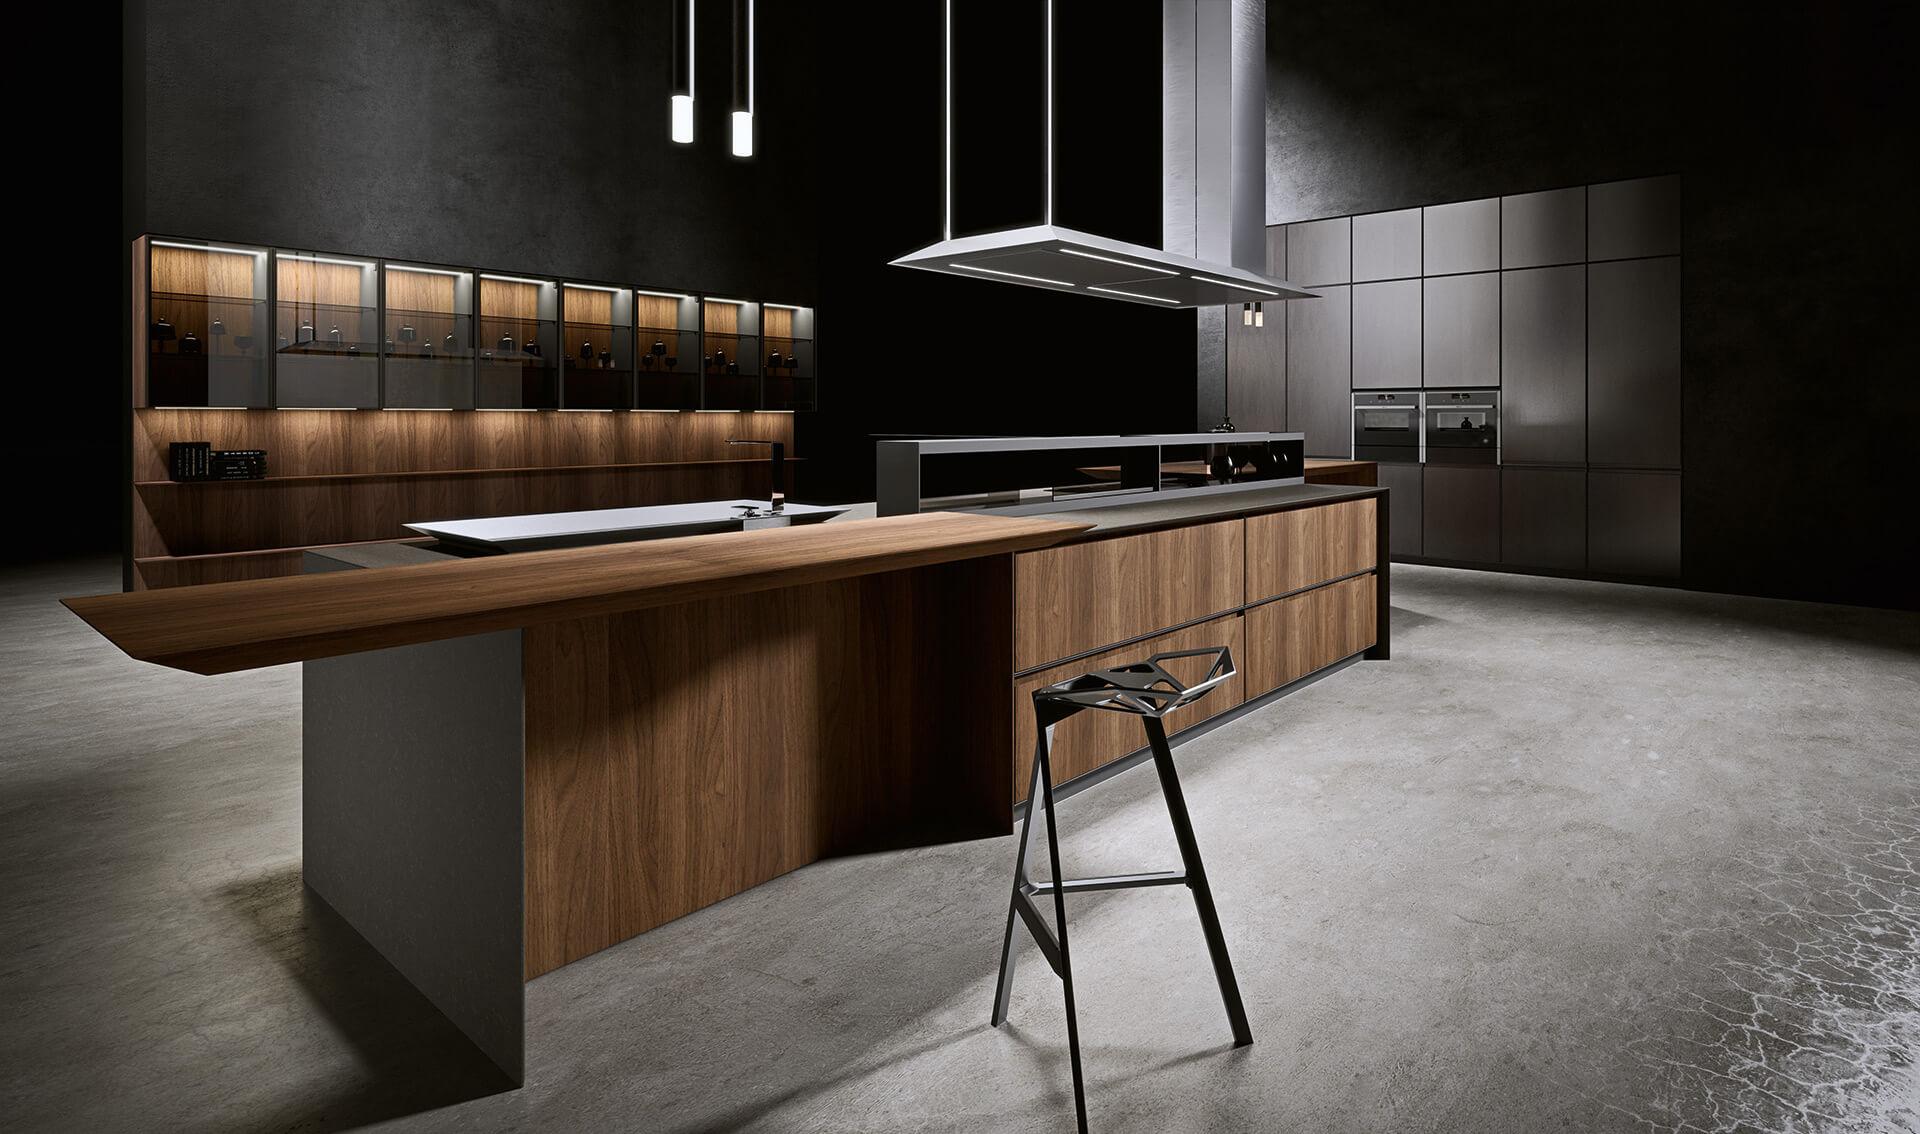 Arredamenti Zattarin - Mobilificio, falegnameria, design per interni ...